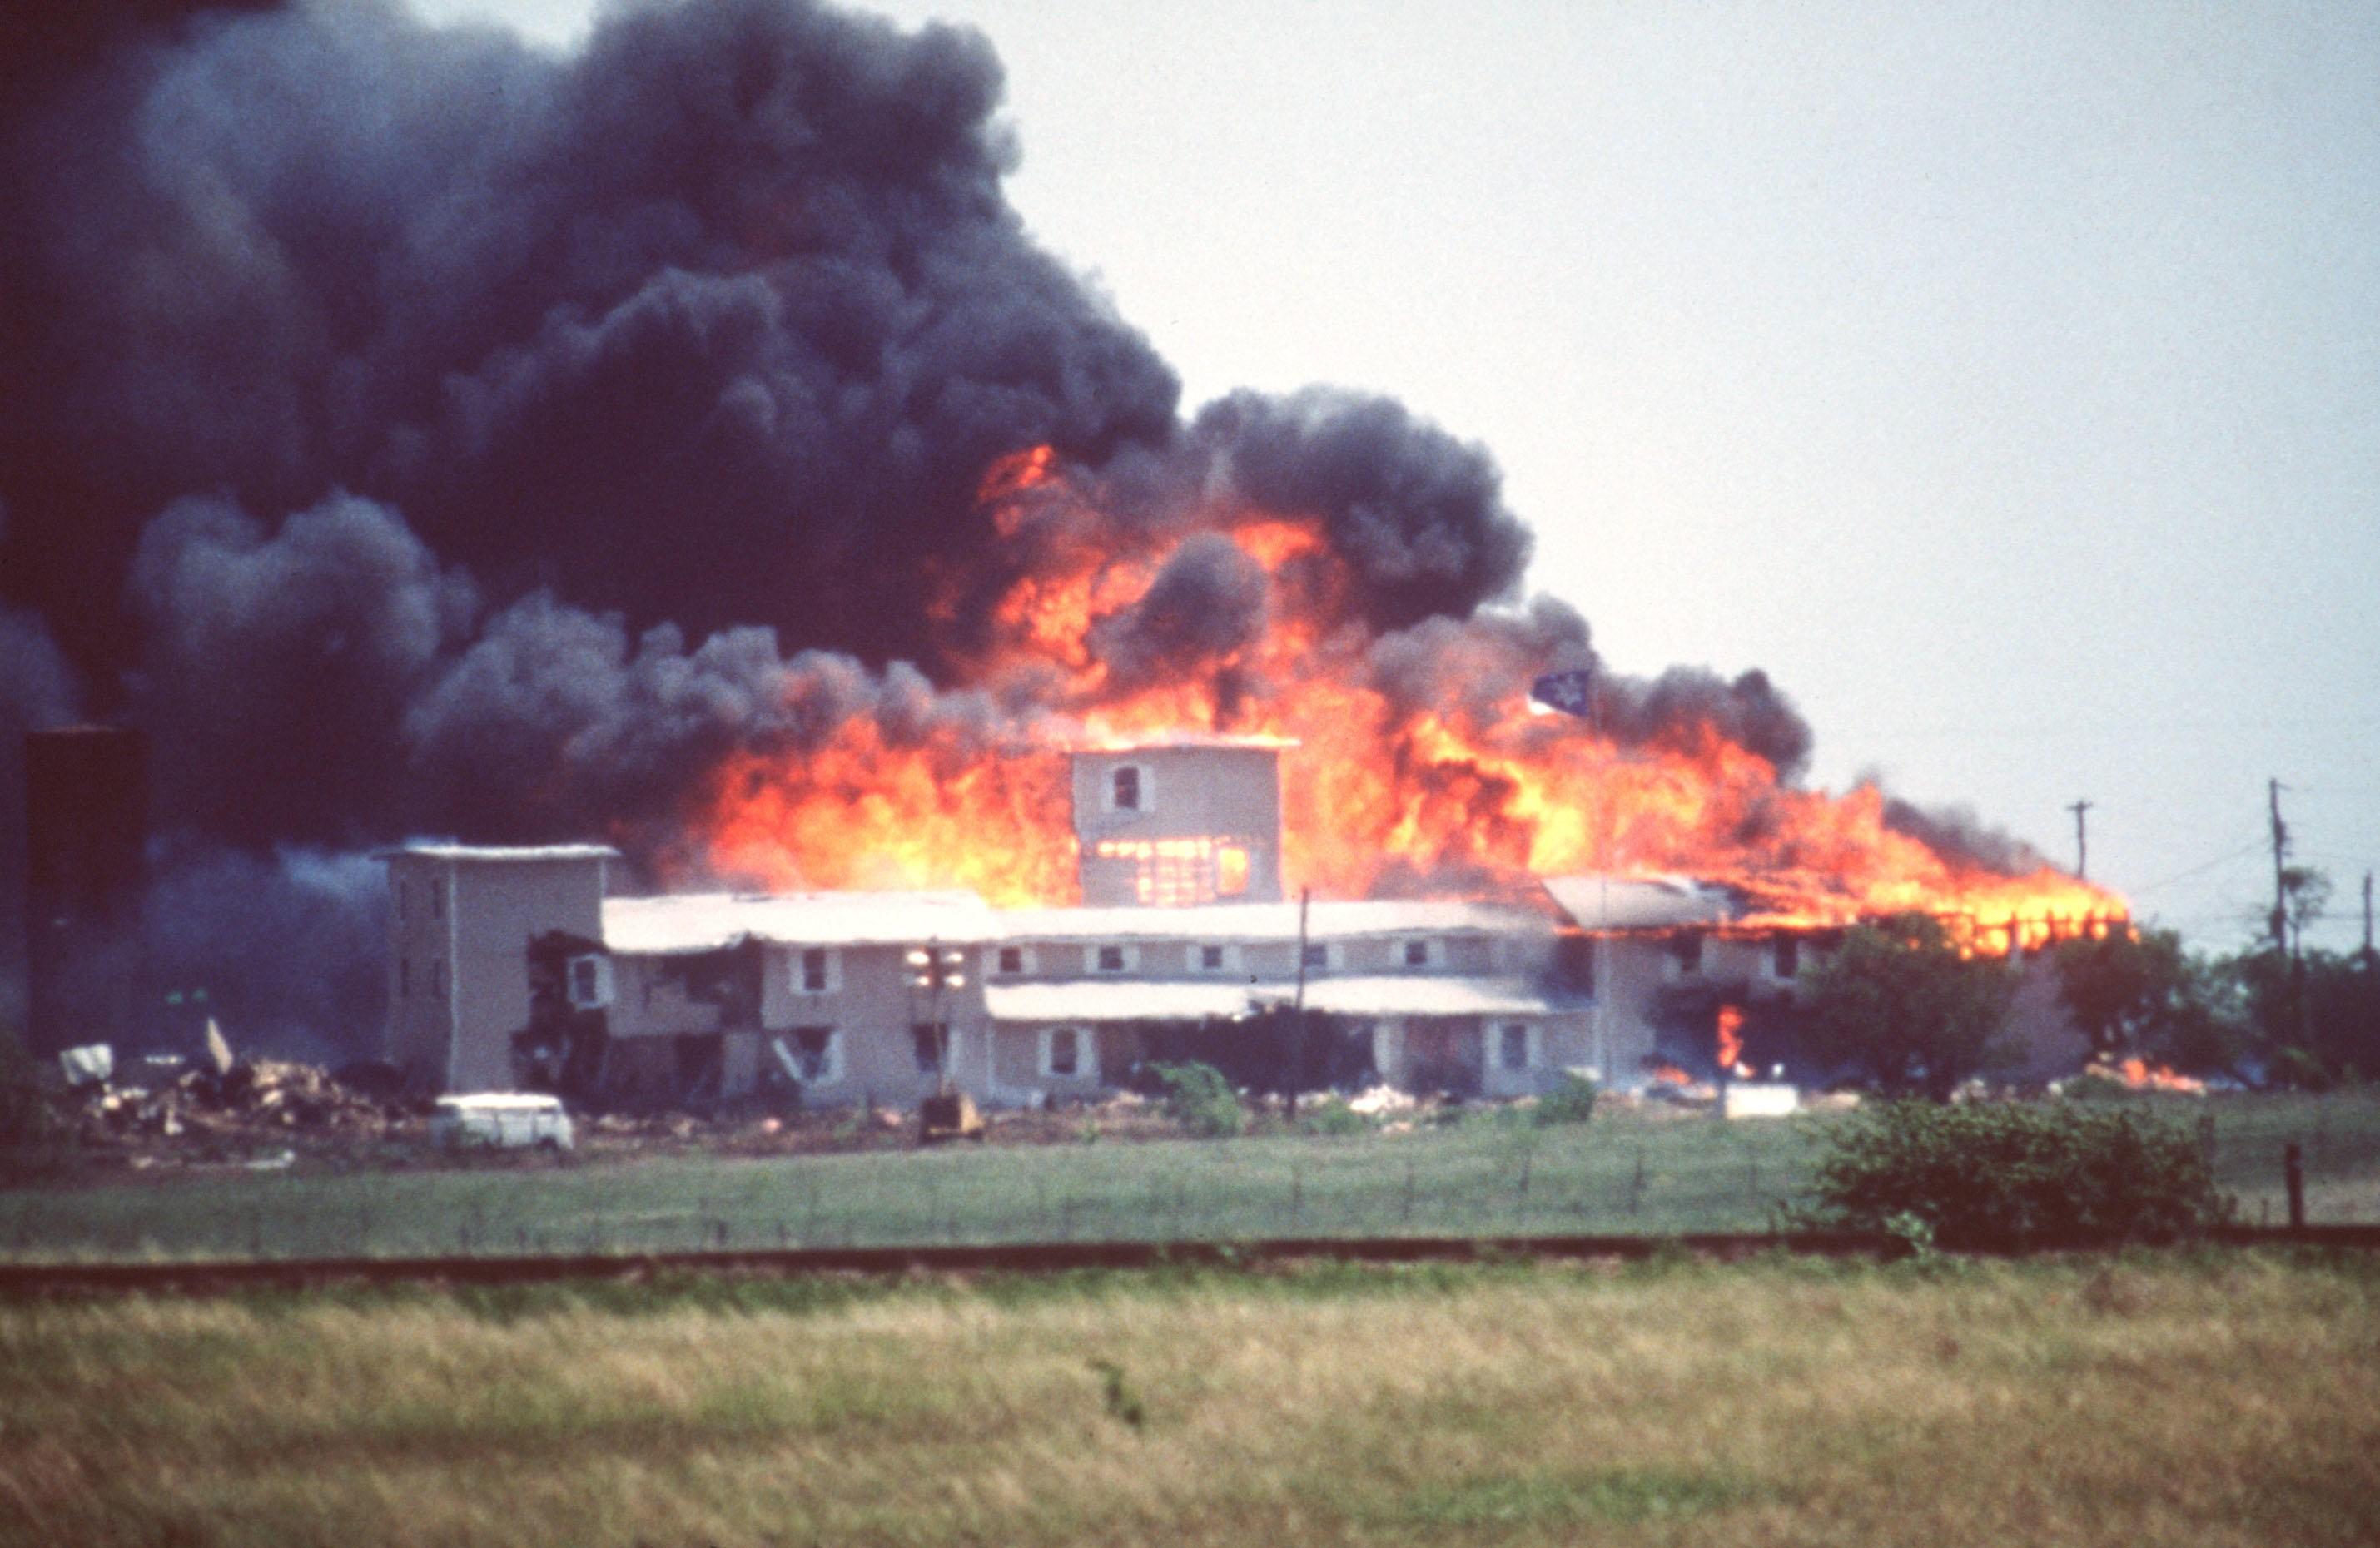 INFERNOET I WACO: Etter 51 dagers beleiring og ingen tegn til at sekten vil overgi seg frivillig, rykket FBI inn med pansrede kjøretøy. Sektens hovedkvarter, Mount Carmel Center Ranch i Waco i Texas, stod snart i fyr. I ruinene etter brannen lå 76 sektmedlemmer brent til døde, deriblant lederen David Koresh.